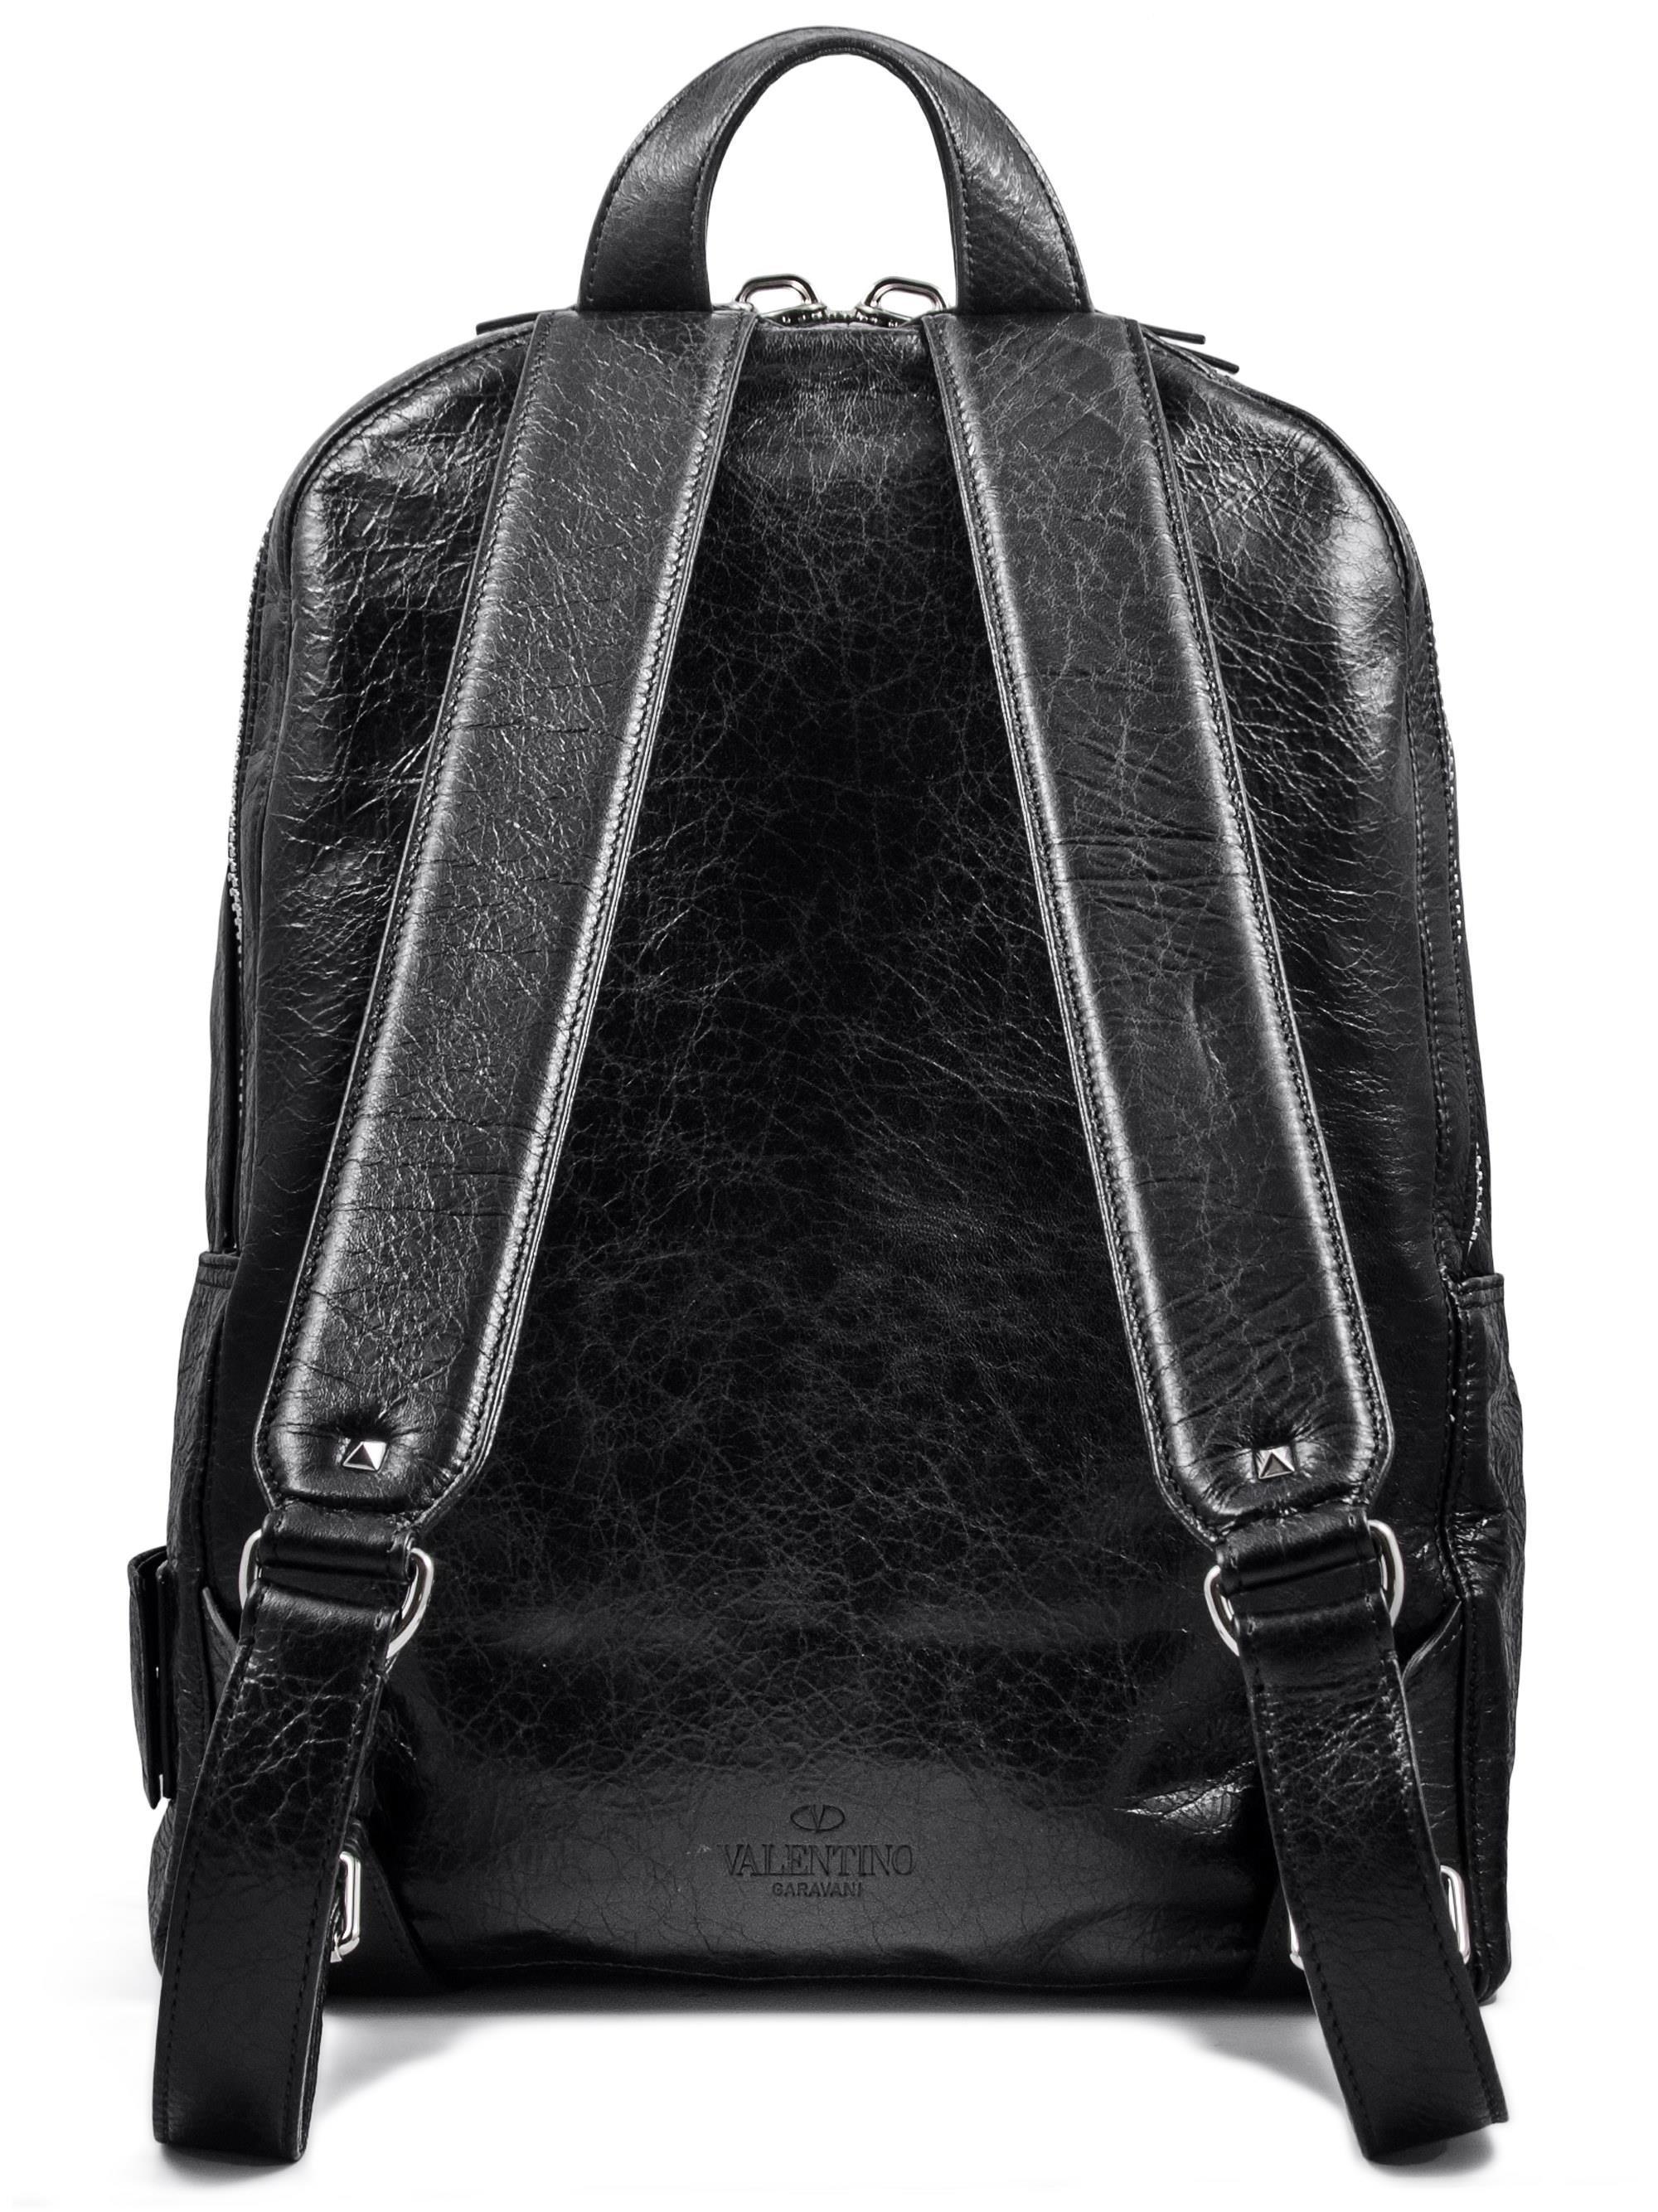 f24efebcab3 Valentino V-punk Leather Backpack in Black for Men - Lyst